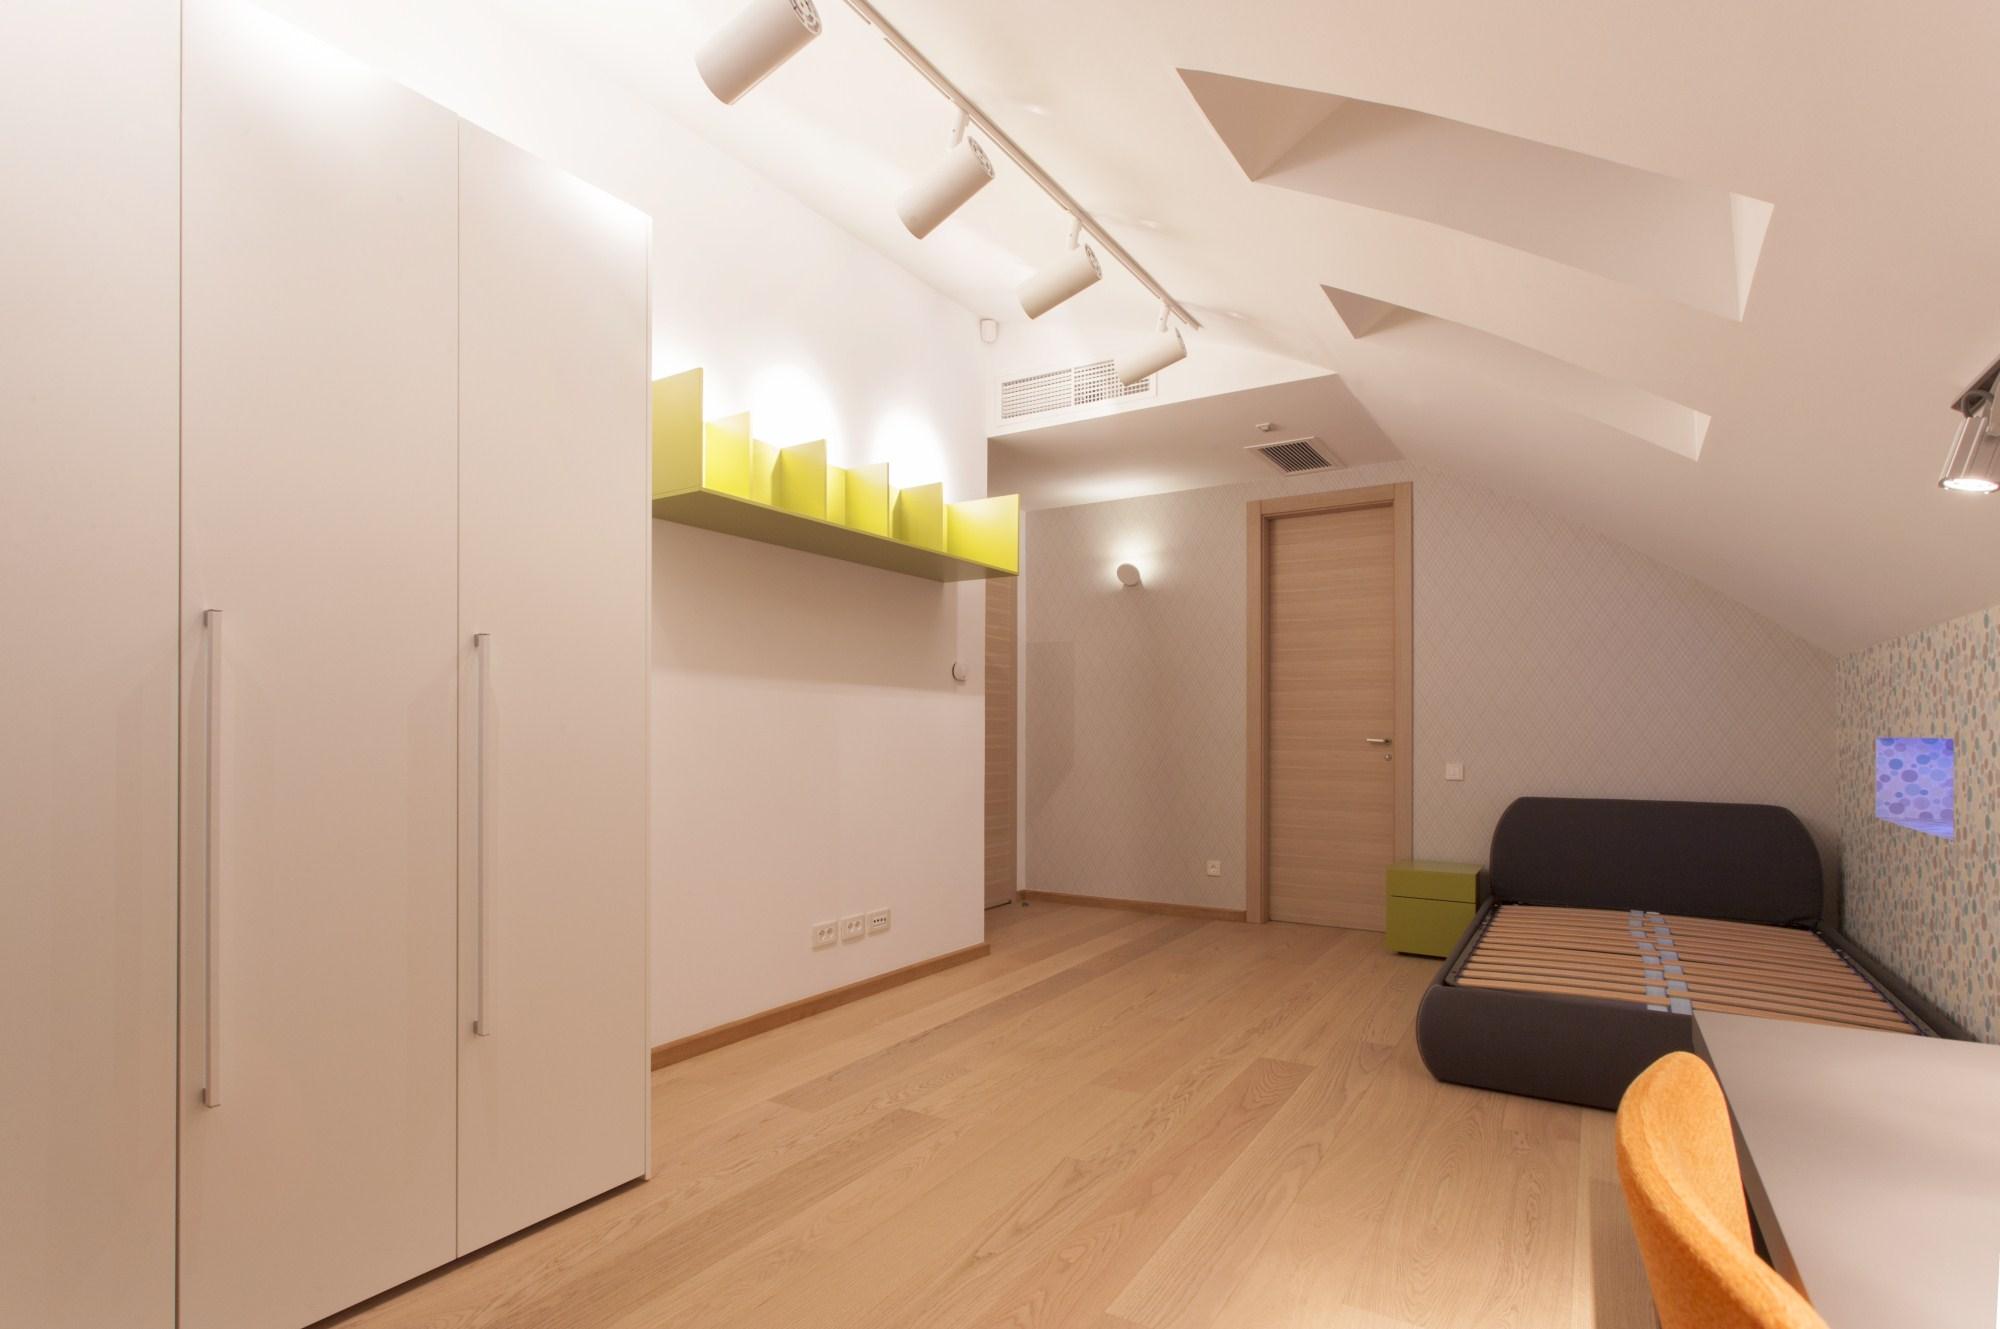 https://nbc-arhitect.ro/wp-content/uploads/2020/11/NBC-Arhitect-_-interior-design-_-Petofi-Sandor-_-Romania_6.jpg